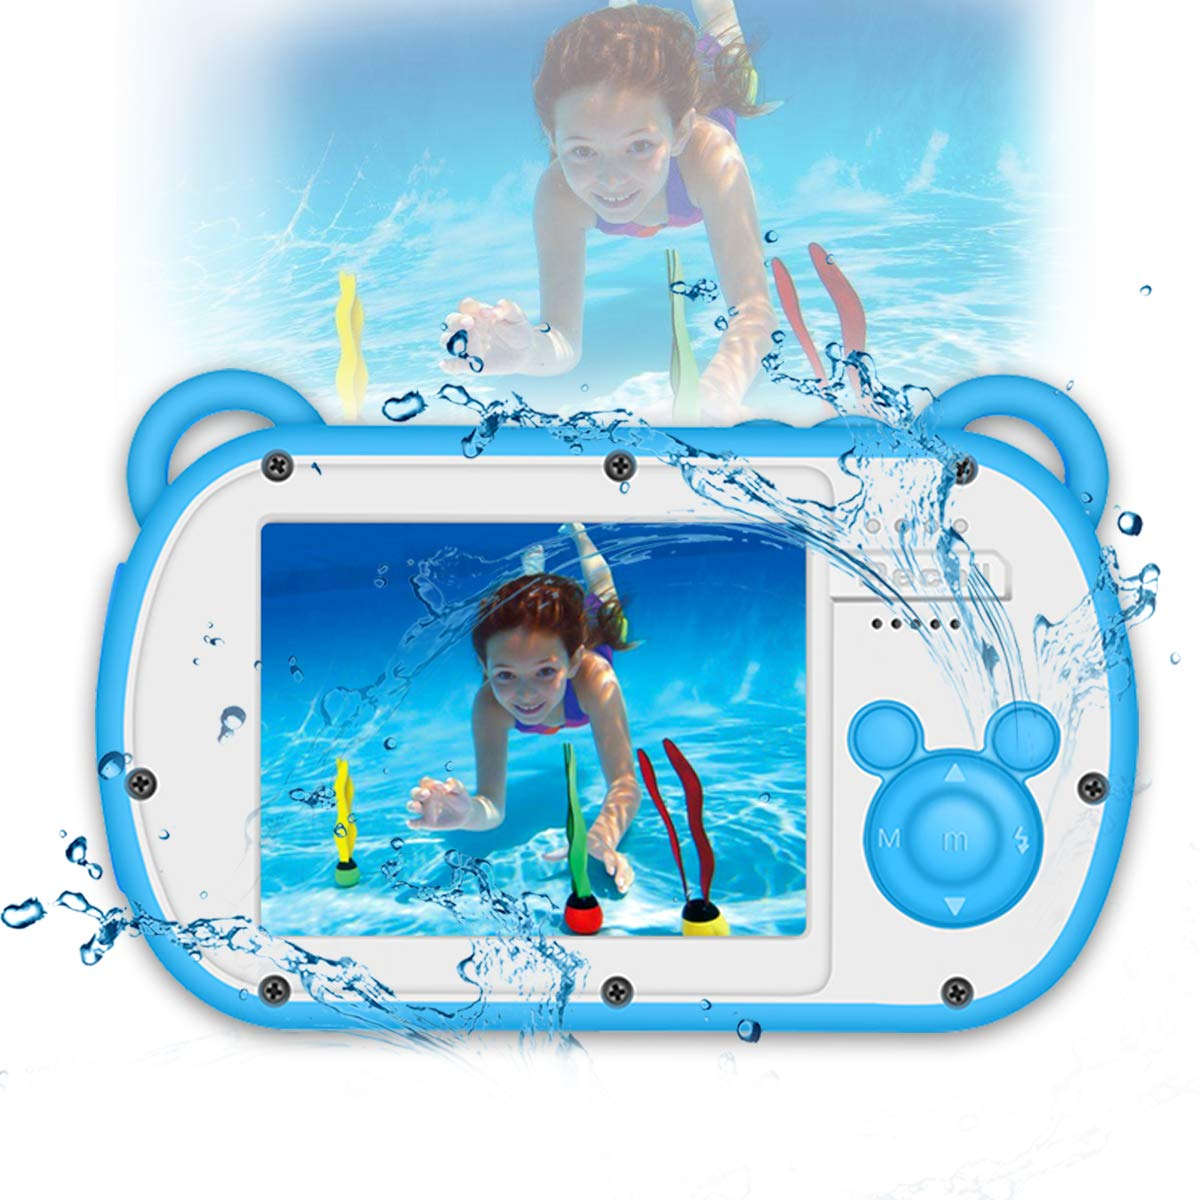 Kids Camera Waterproof Underwater Video Cameras for Snorkeling,Waterproof Underwater Digital Cameras for Kids--Holiday,Trip,Camping by Suntak (Image #1)